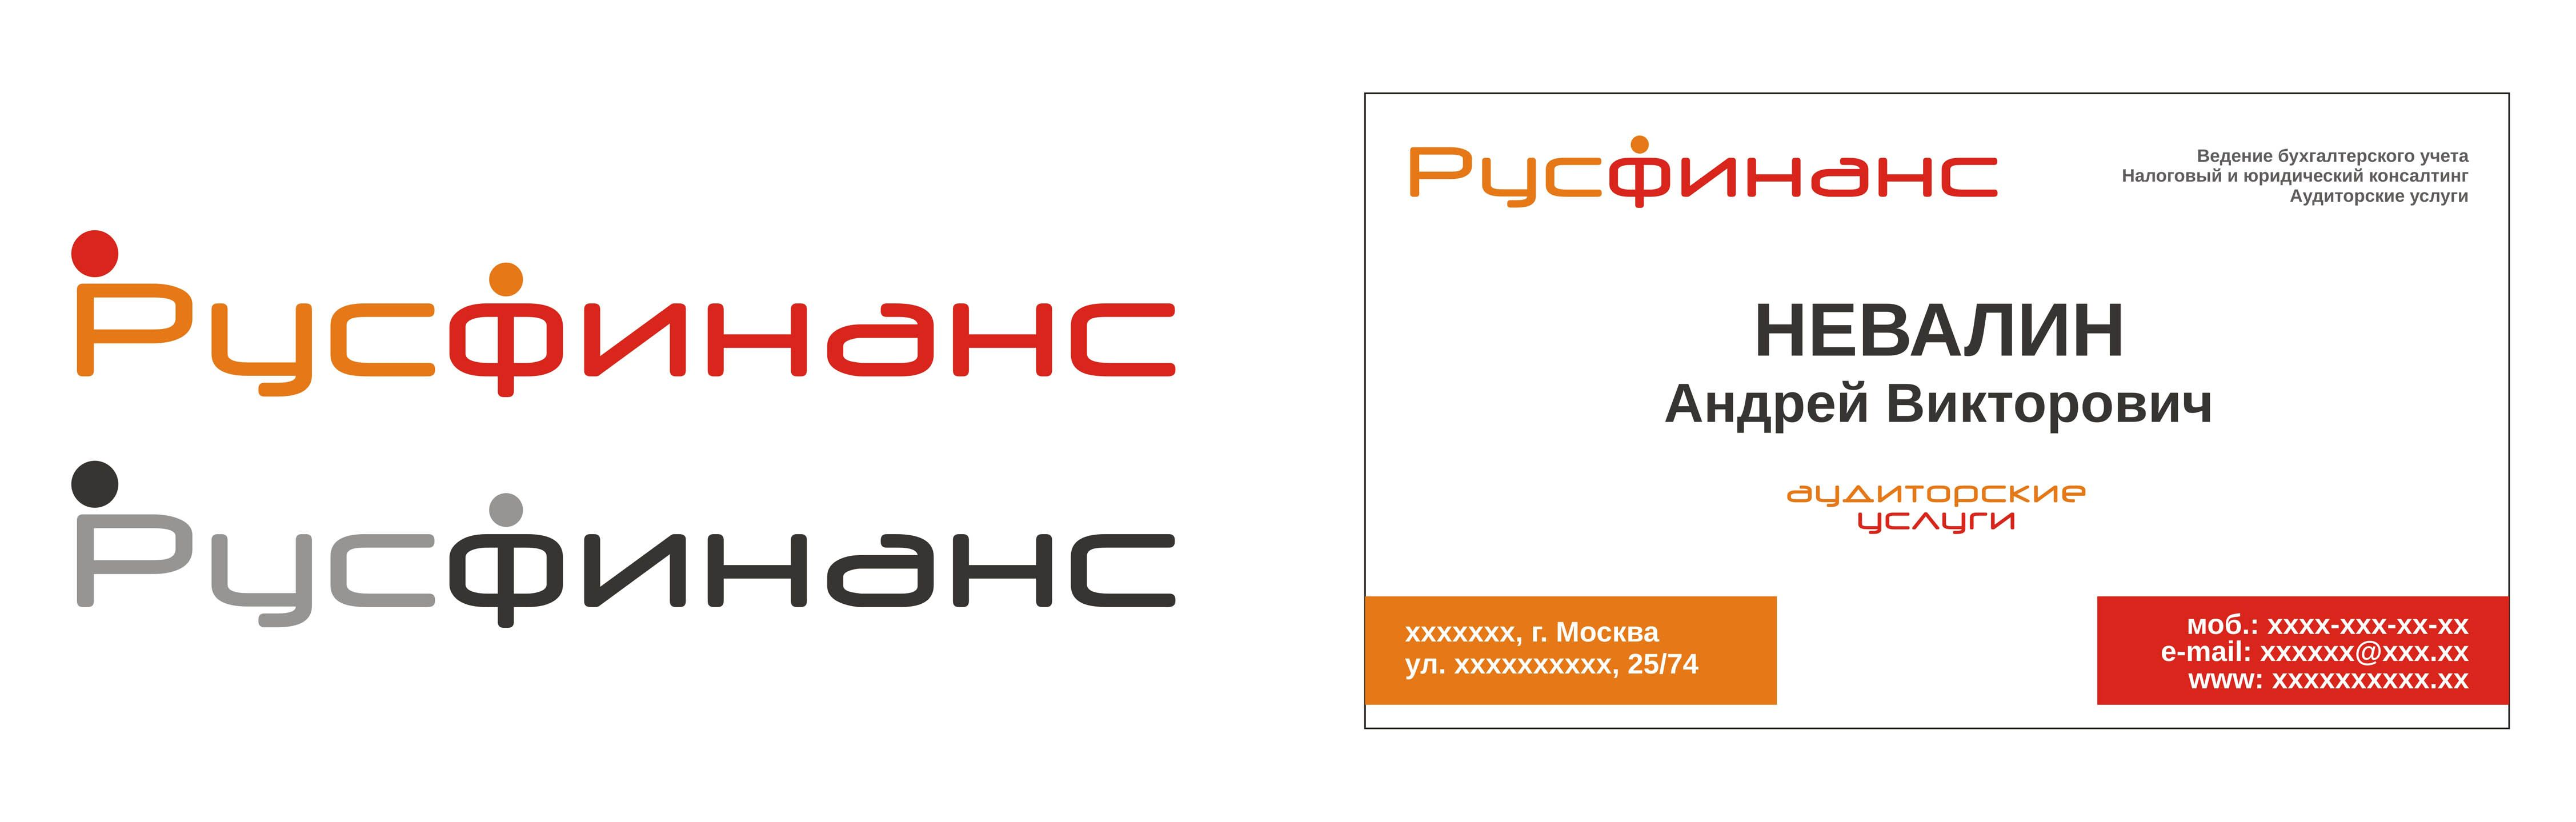 Логотип для Русфинанс - дизайнер LiXoOnshade